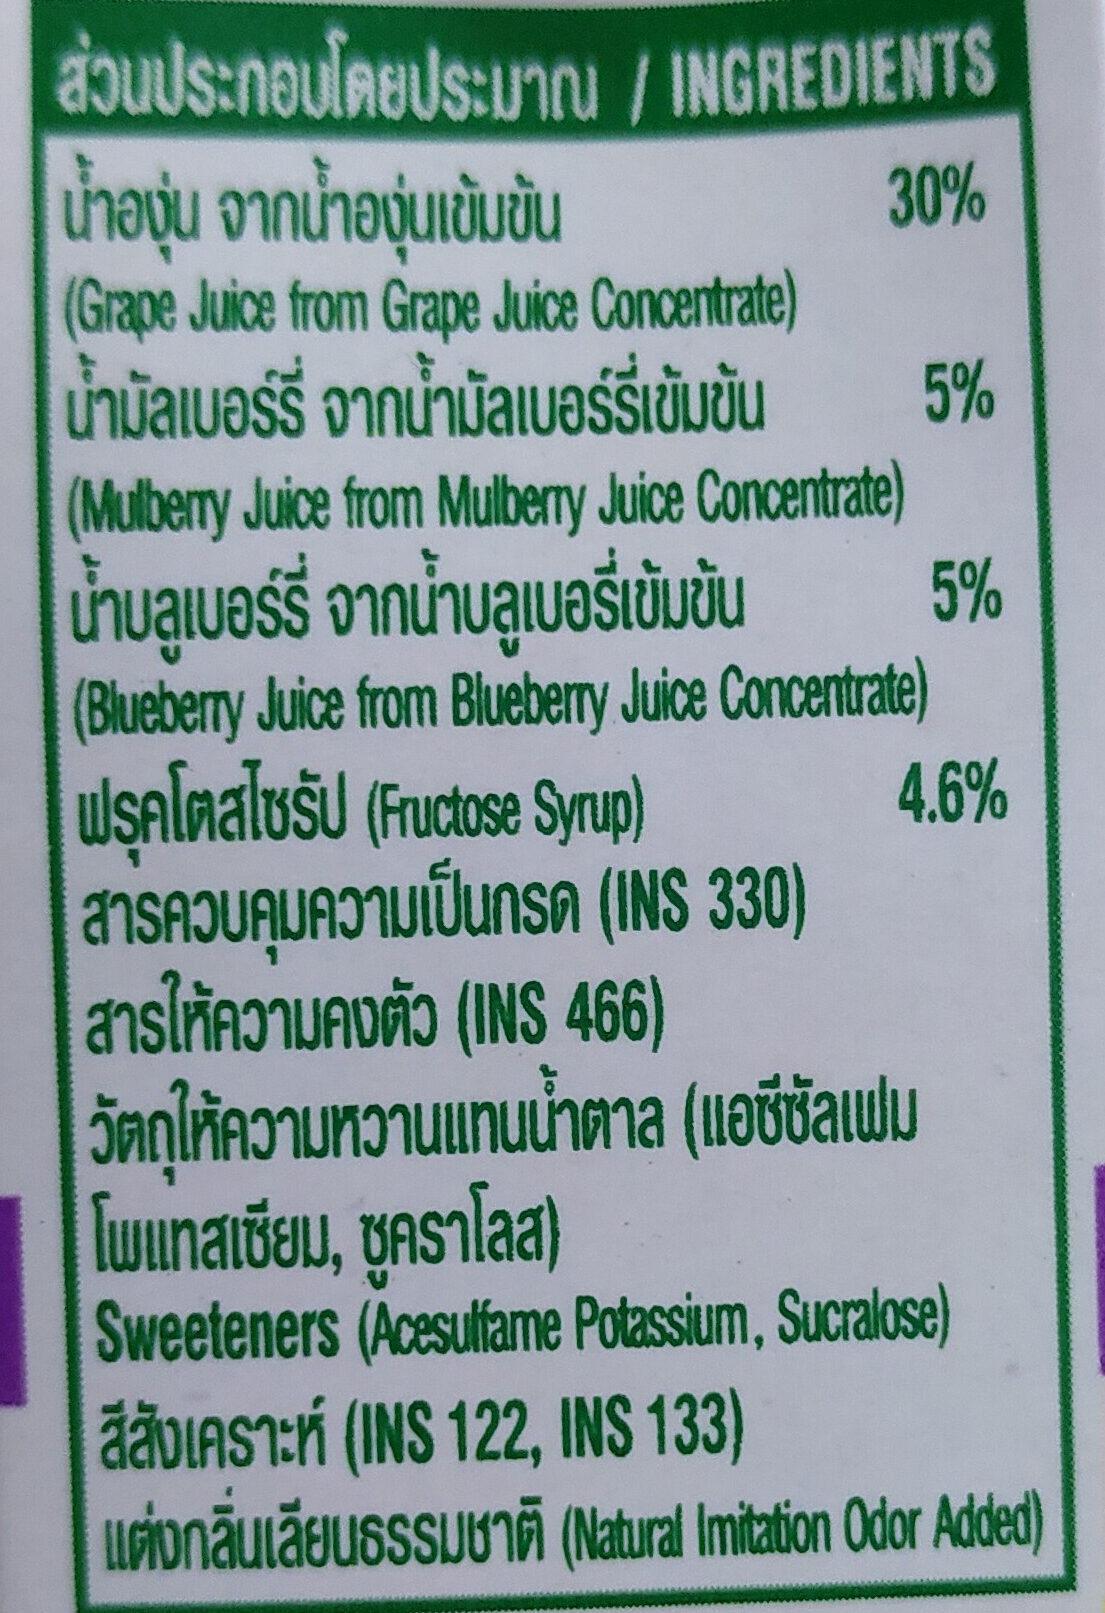 น้ำเบอรรี่มิกซ์ - Ingredients